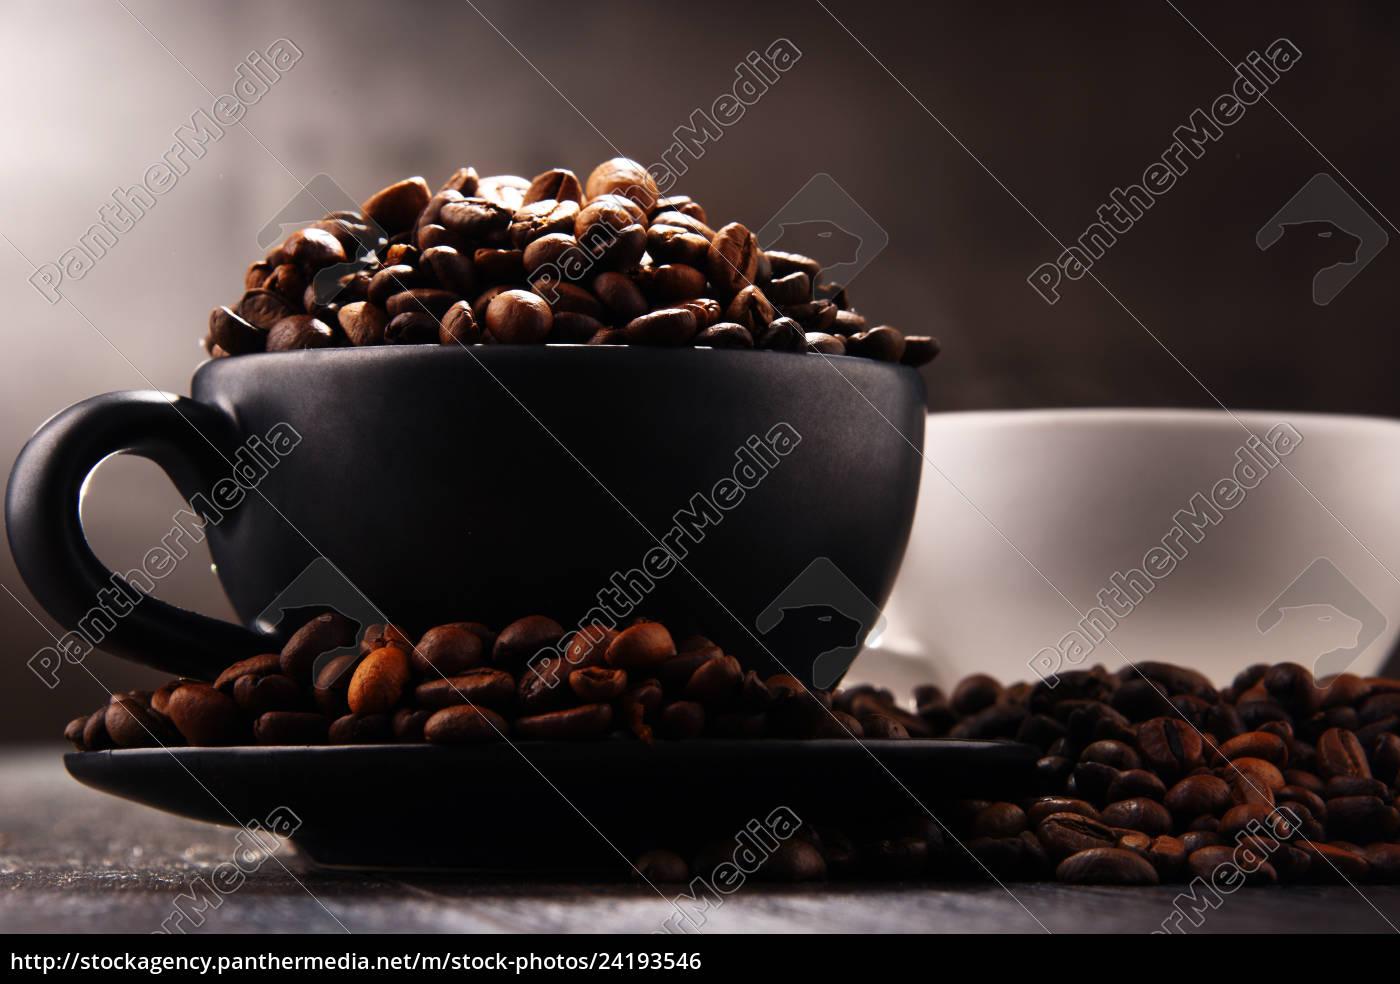 composizione, con, due, tazze, di, caffè - 24193546